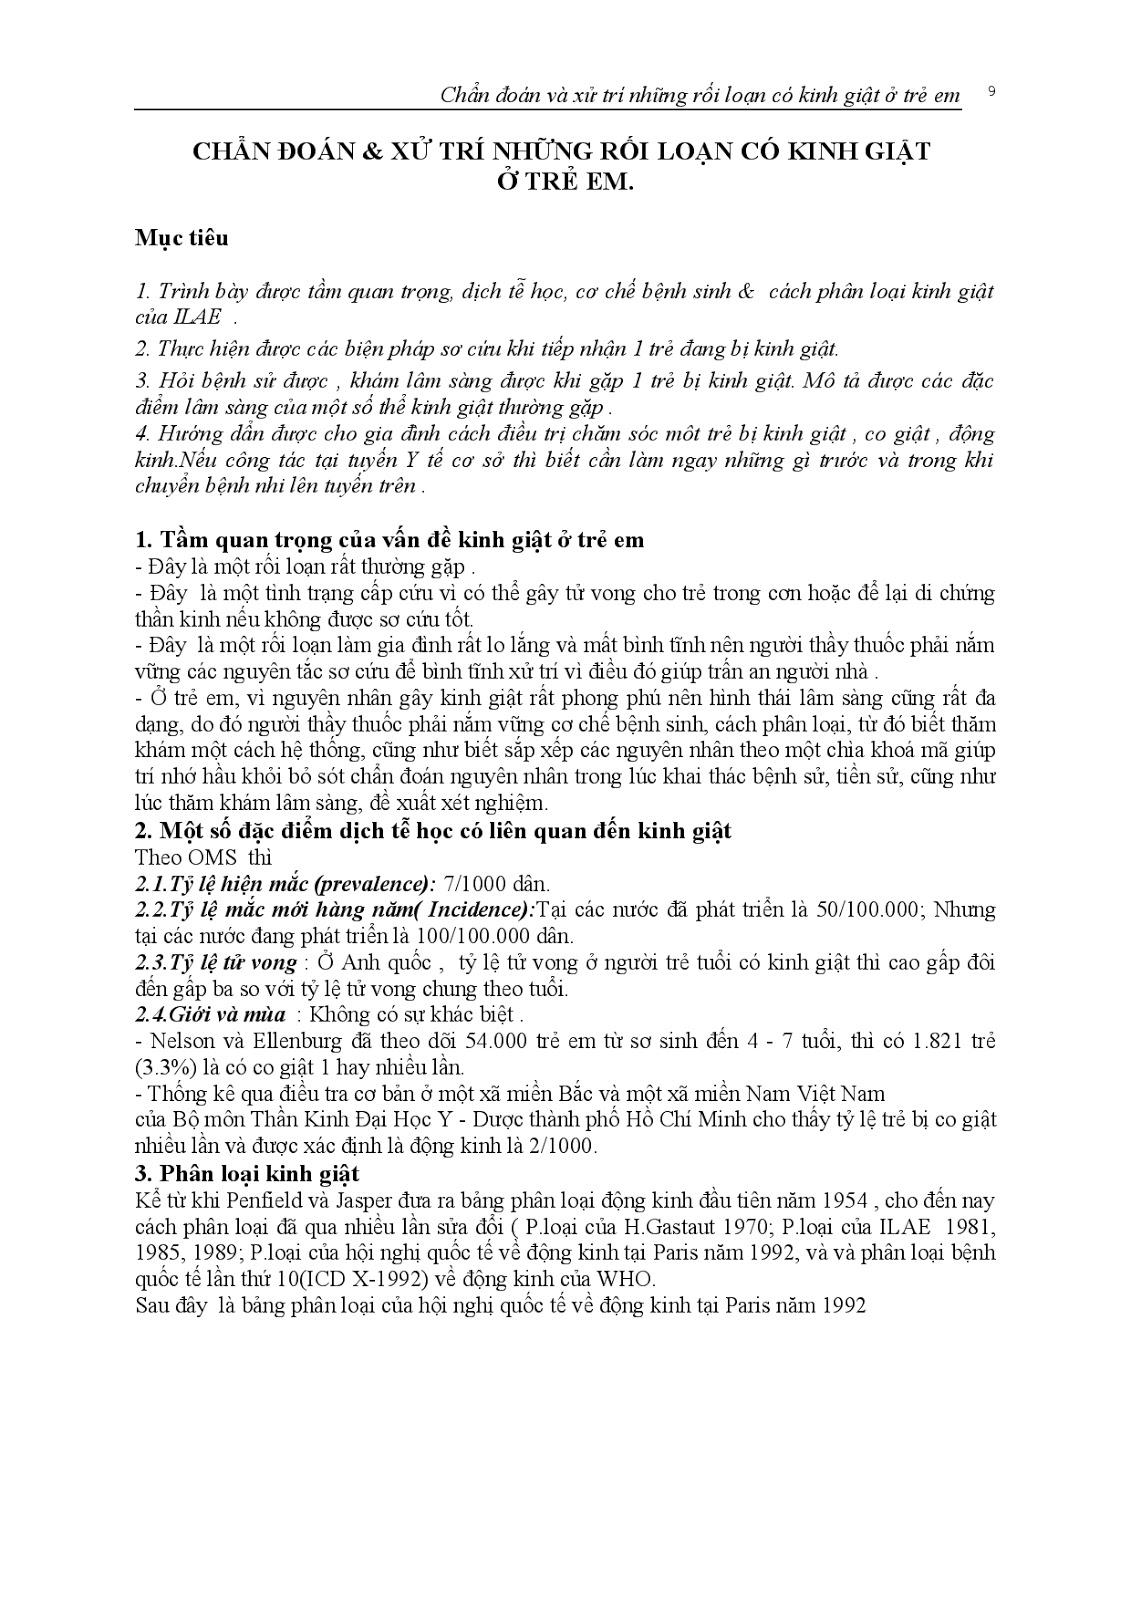 Trang 10 sach Bài giảng Nhi khoa III (Sơ sinh - Cấp cứu - Thần kinh - Chăm sóc sức khỏe ban đầu) - ĐH Y Huế